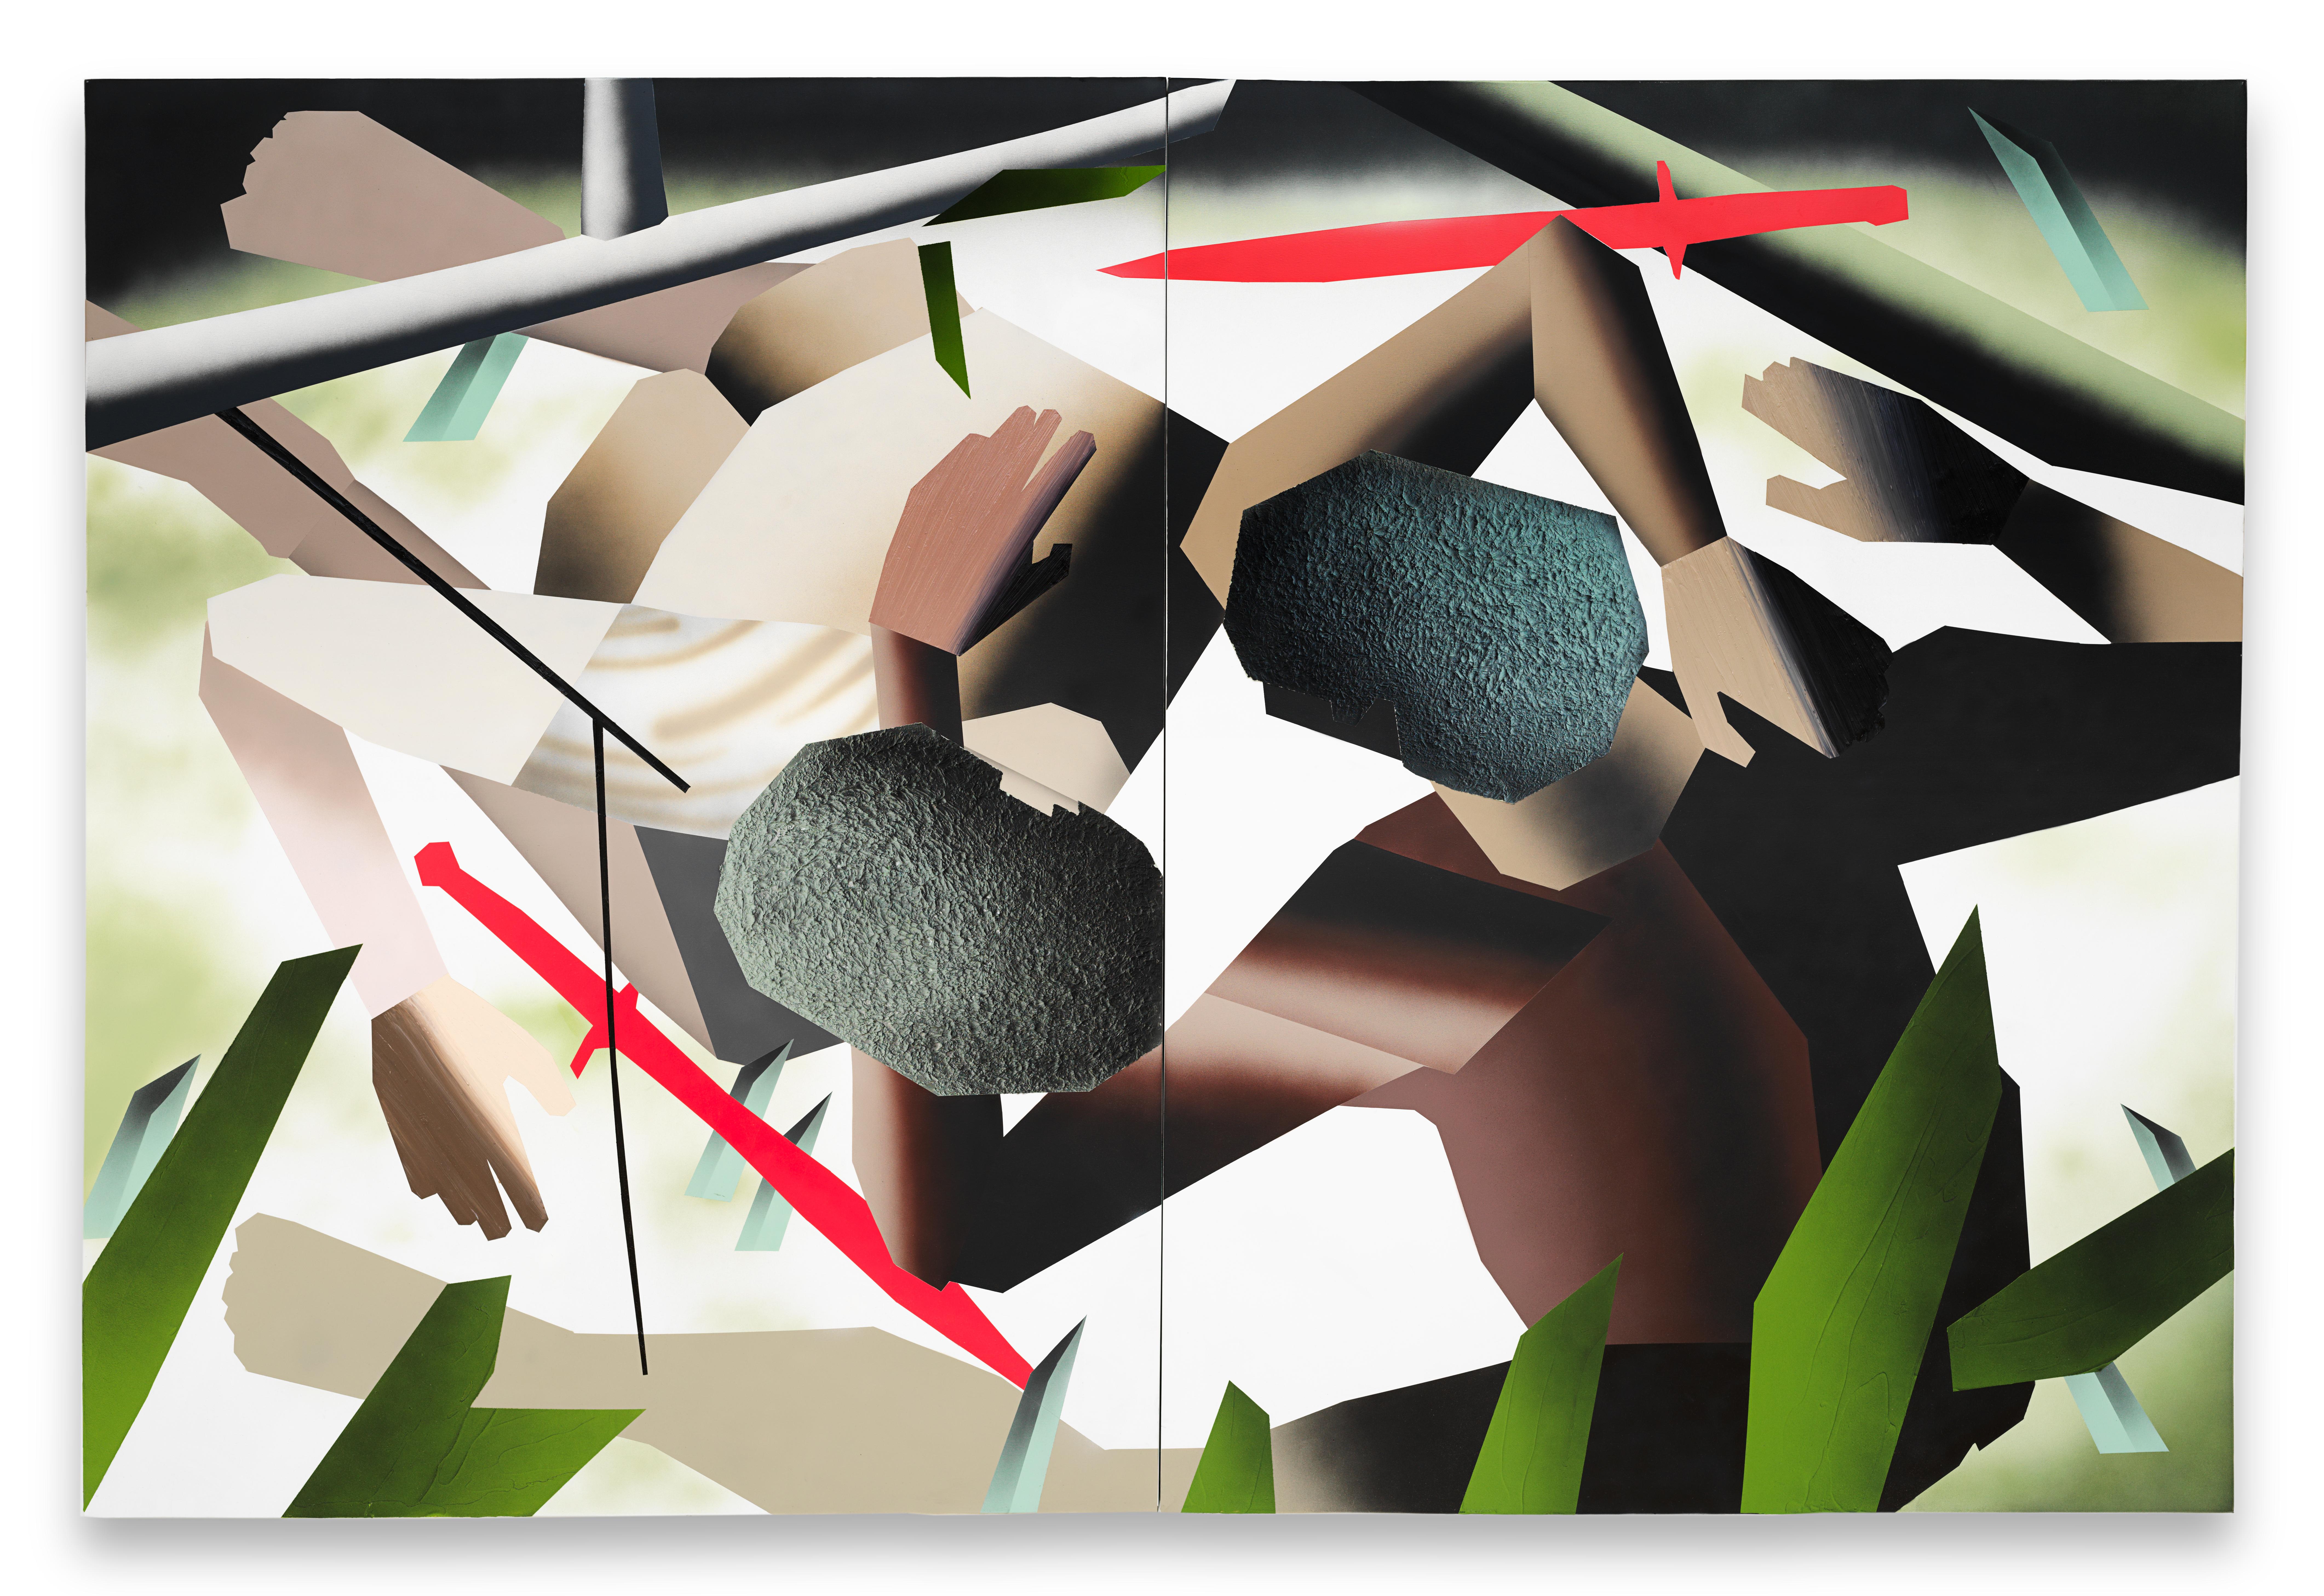 Ein Gemälde, das zwei ringende Männer zeigt